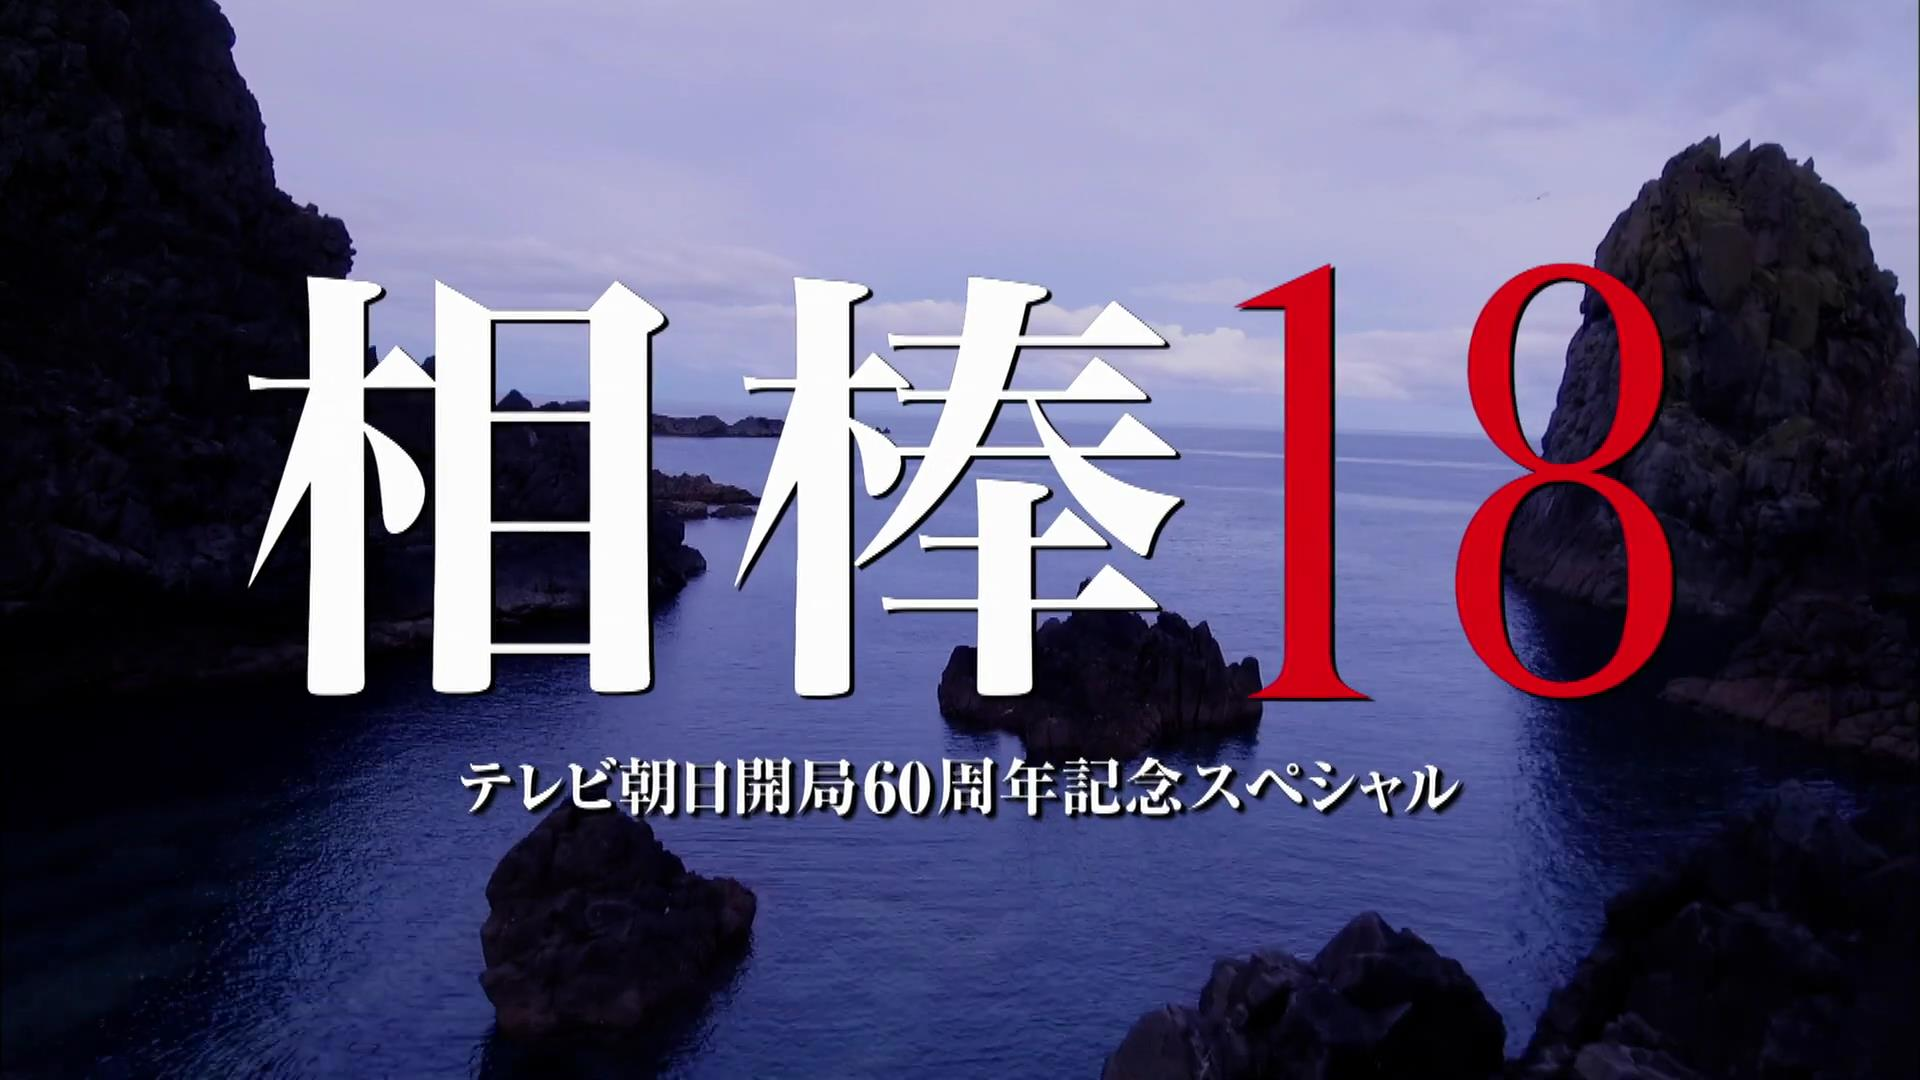 相棒18最終回スペシャルネタバレ!20話のあらすじやゲスト紹介